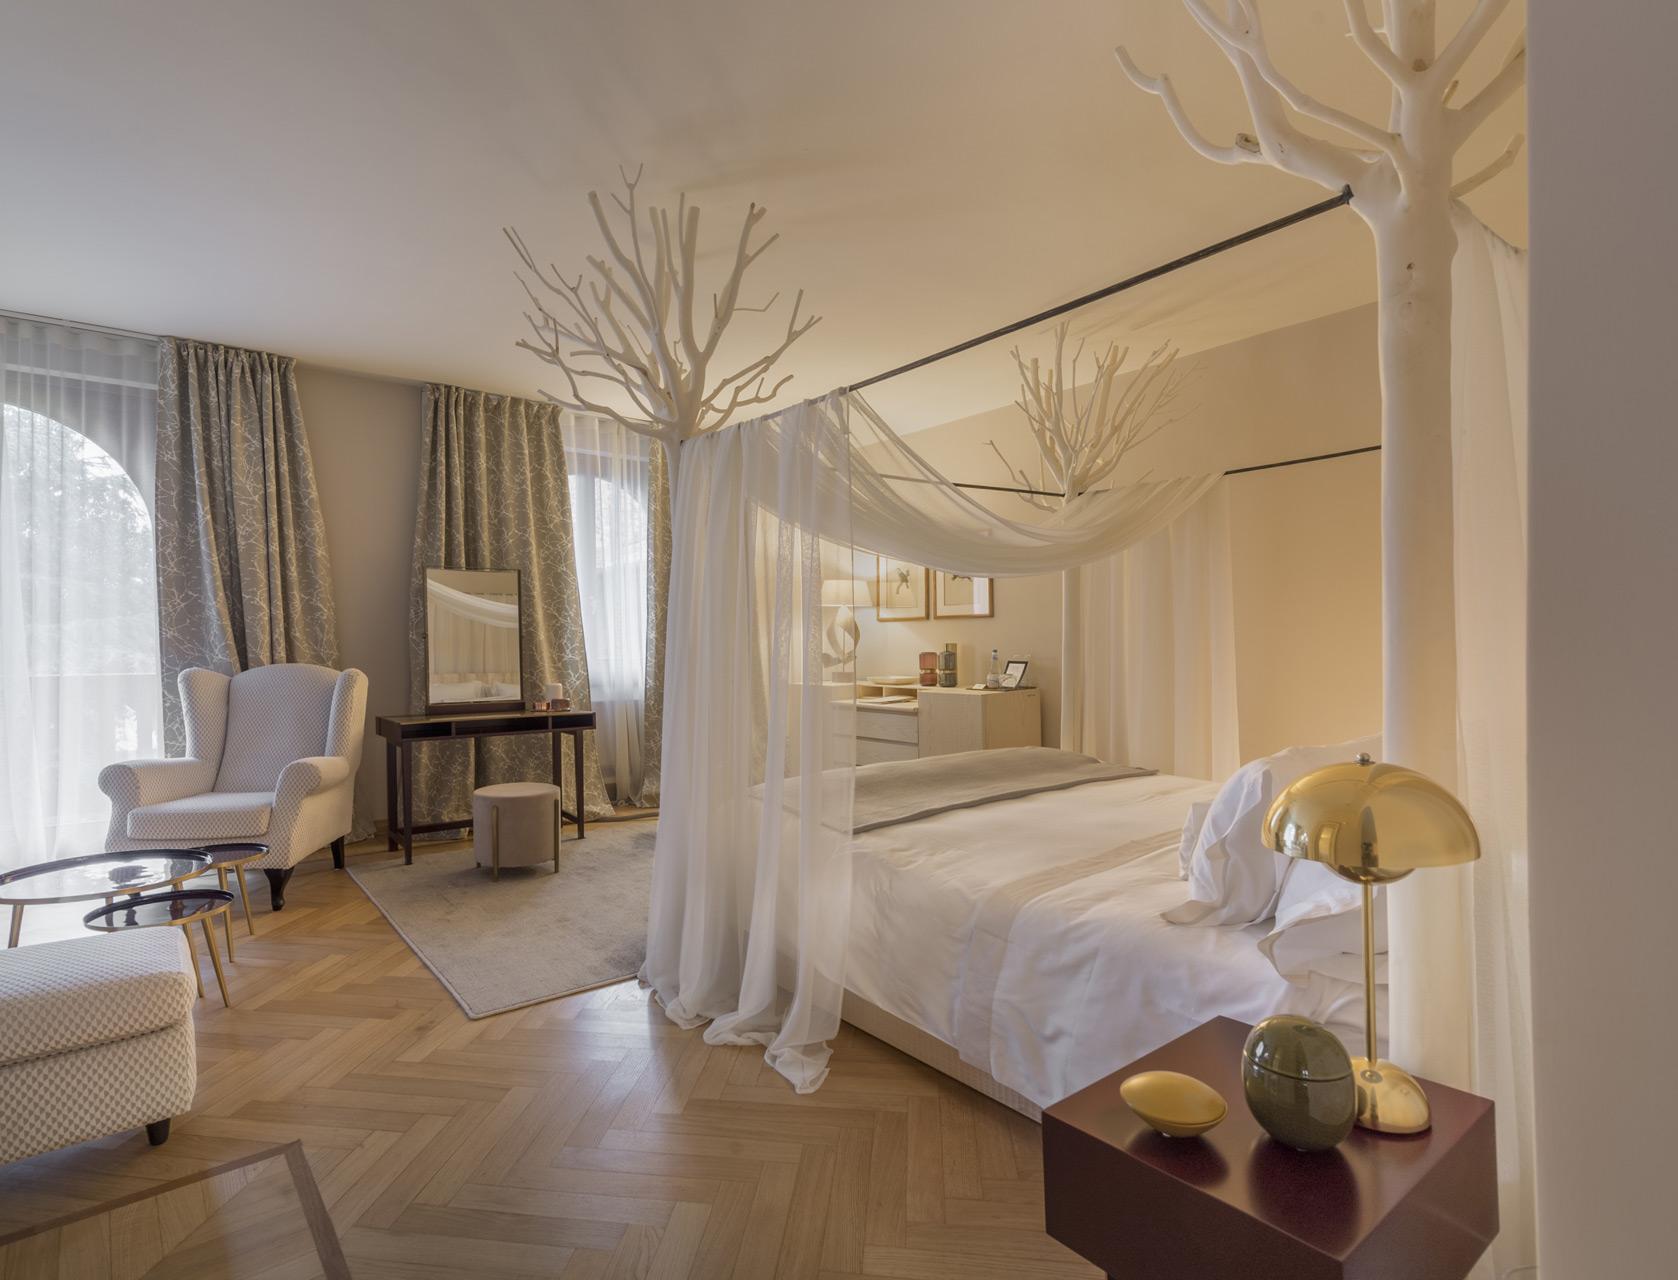 Letto a baldacchino realizzato in frassino con alberi di Ligustro. Mobile con cassetti realizzato in frassino